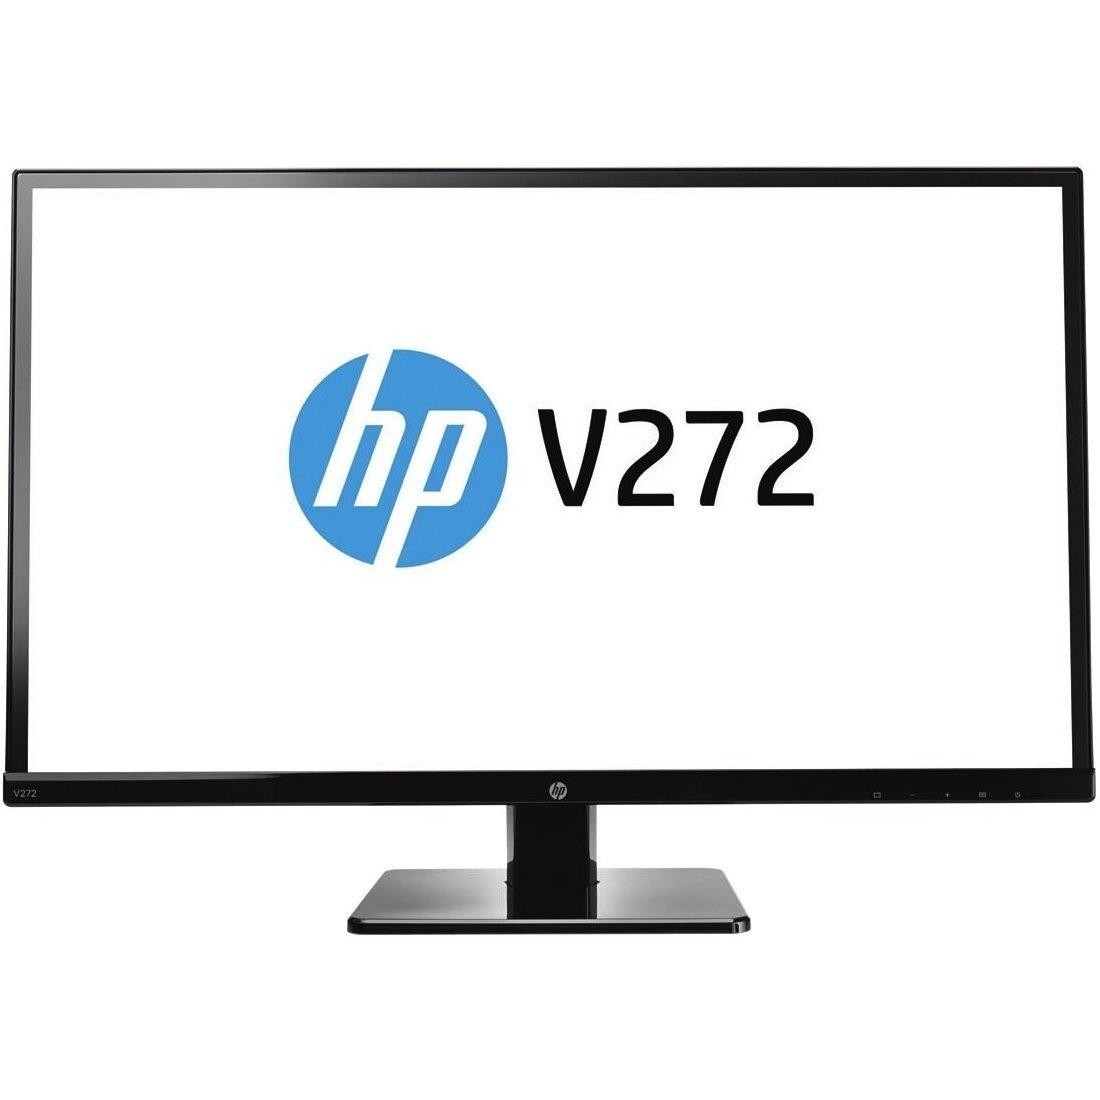 Màn hình máy tính HP V272 (M4B78AA) -  LCD, 27 inch, 1920x1080 pixel